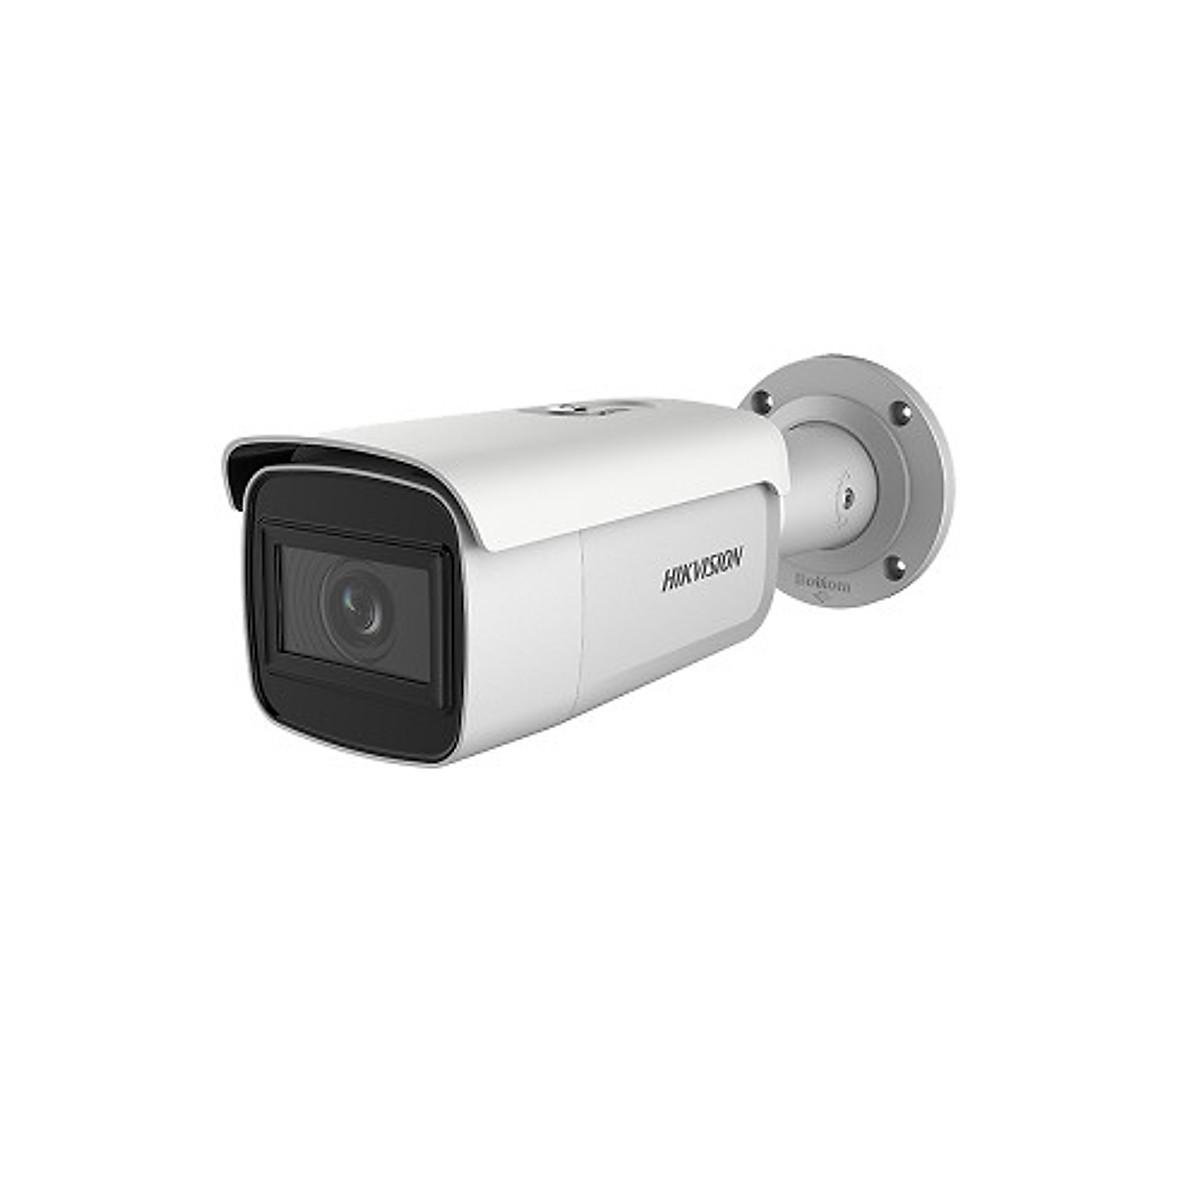 Camera IP HIKVISION DS-2CD2643G1-IZ 4MP Thân Trụ – Hàng Chính Hãng